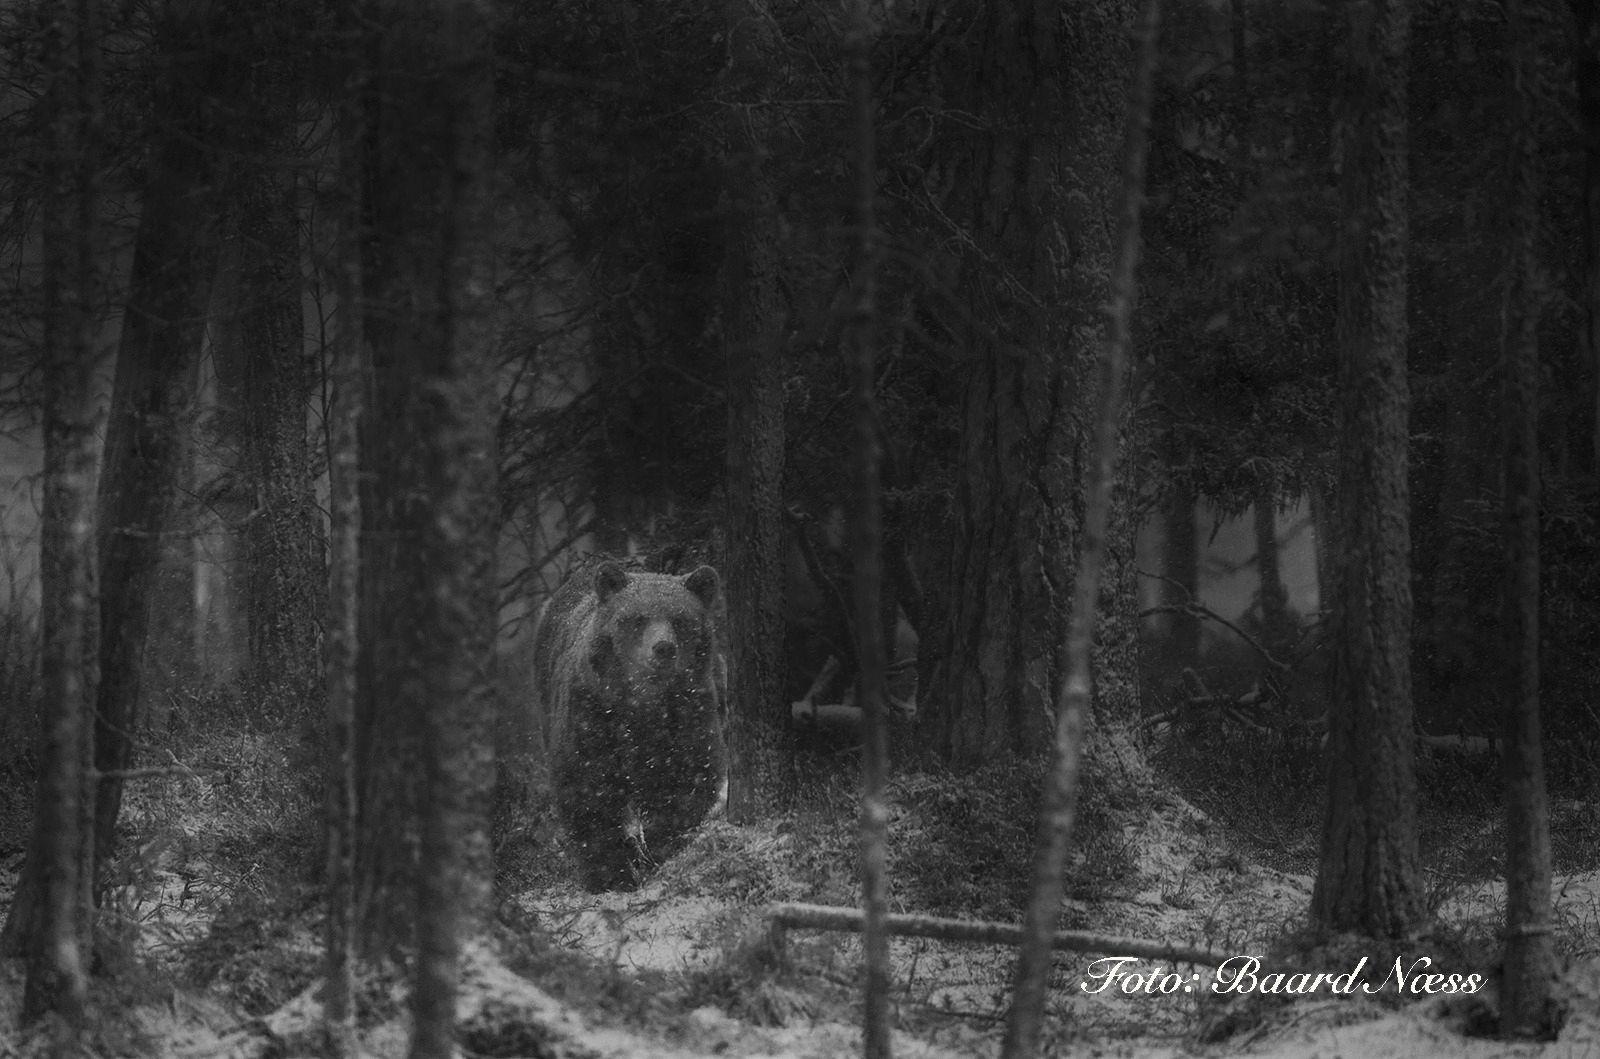 Næss har i en lengre tid nå hatt de fire store nordiske rovdyrene som sitt prosjekt, her er et av hans mer stemningsfulle bjørnebilder. Canon EOS 1D-X, 200-400 mm m/1,4x extender. 1/200s - f/5.6 - ISO 1600. Foto: Baard Næss